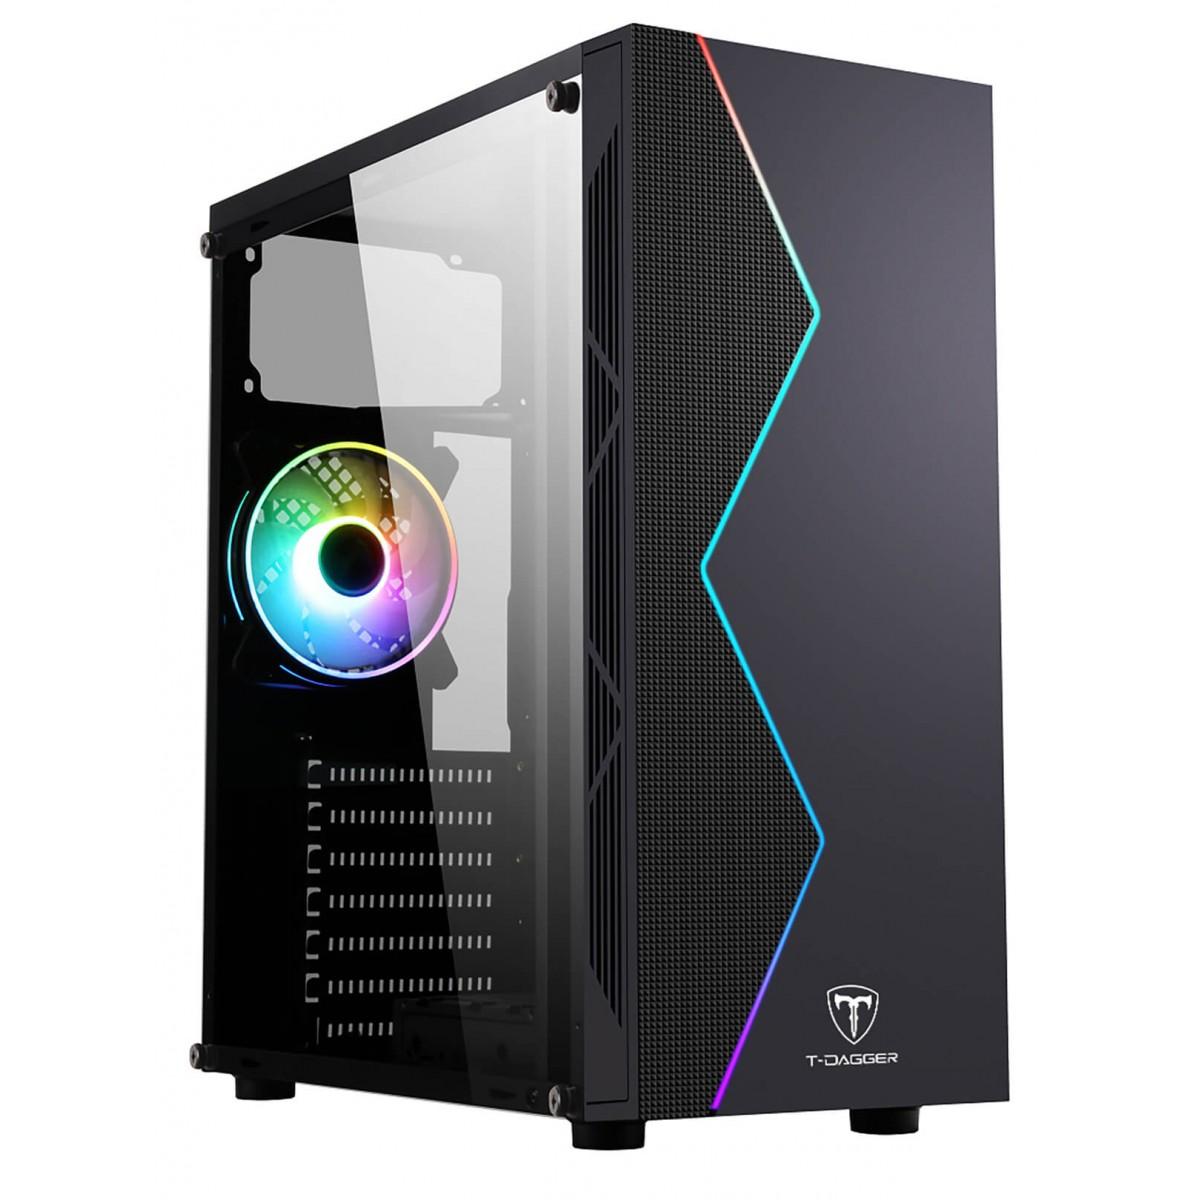 Computador Gamer, Ryzen 5 3500 3.6Ghz , Placa de VIdeo RX 550 4GB, DDR4 8GB, SSD 240GB